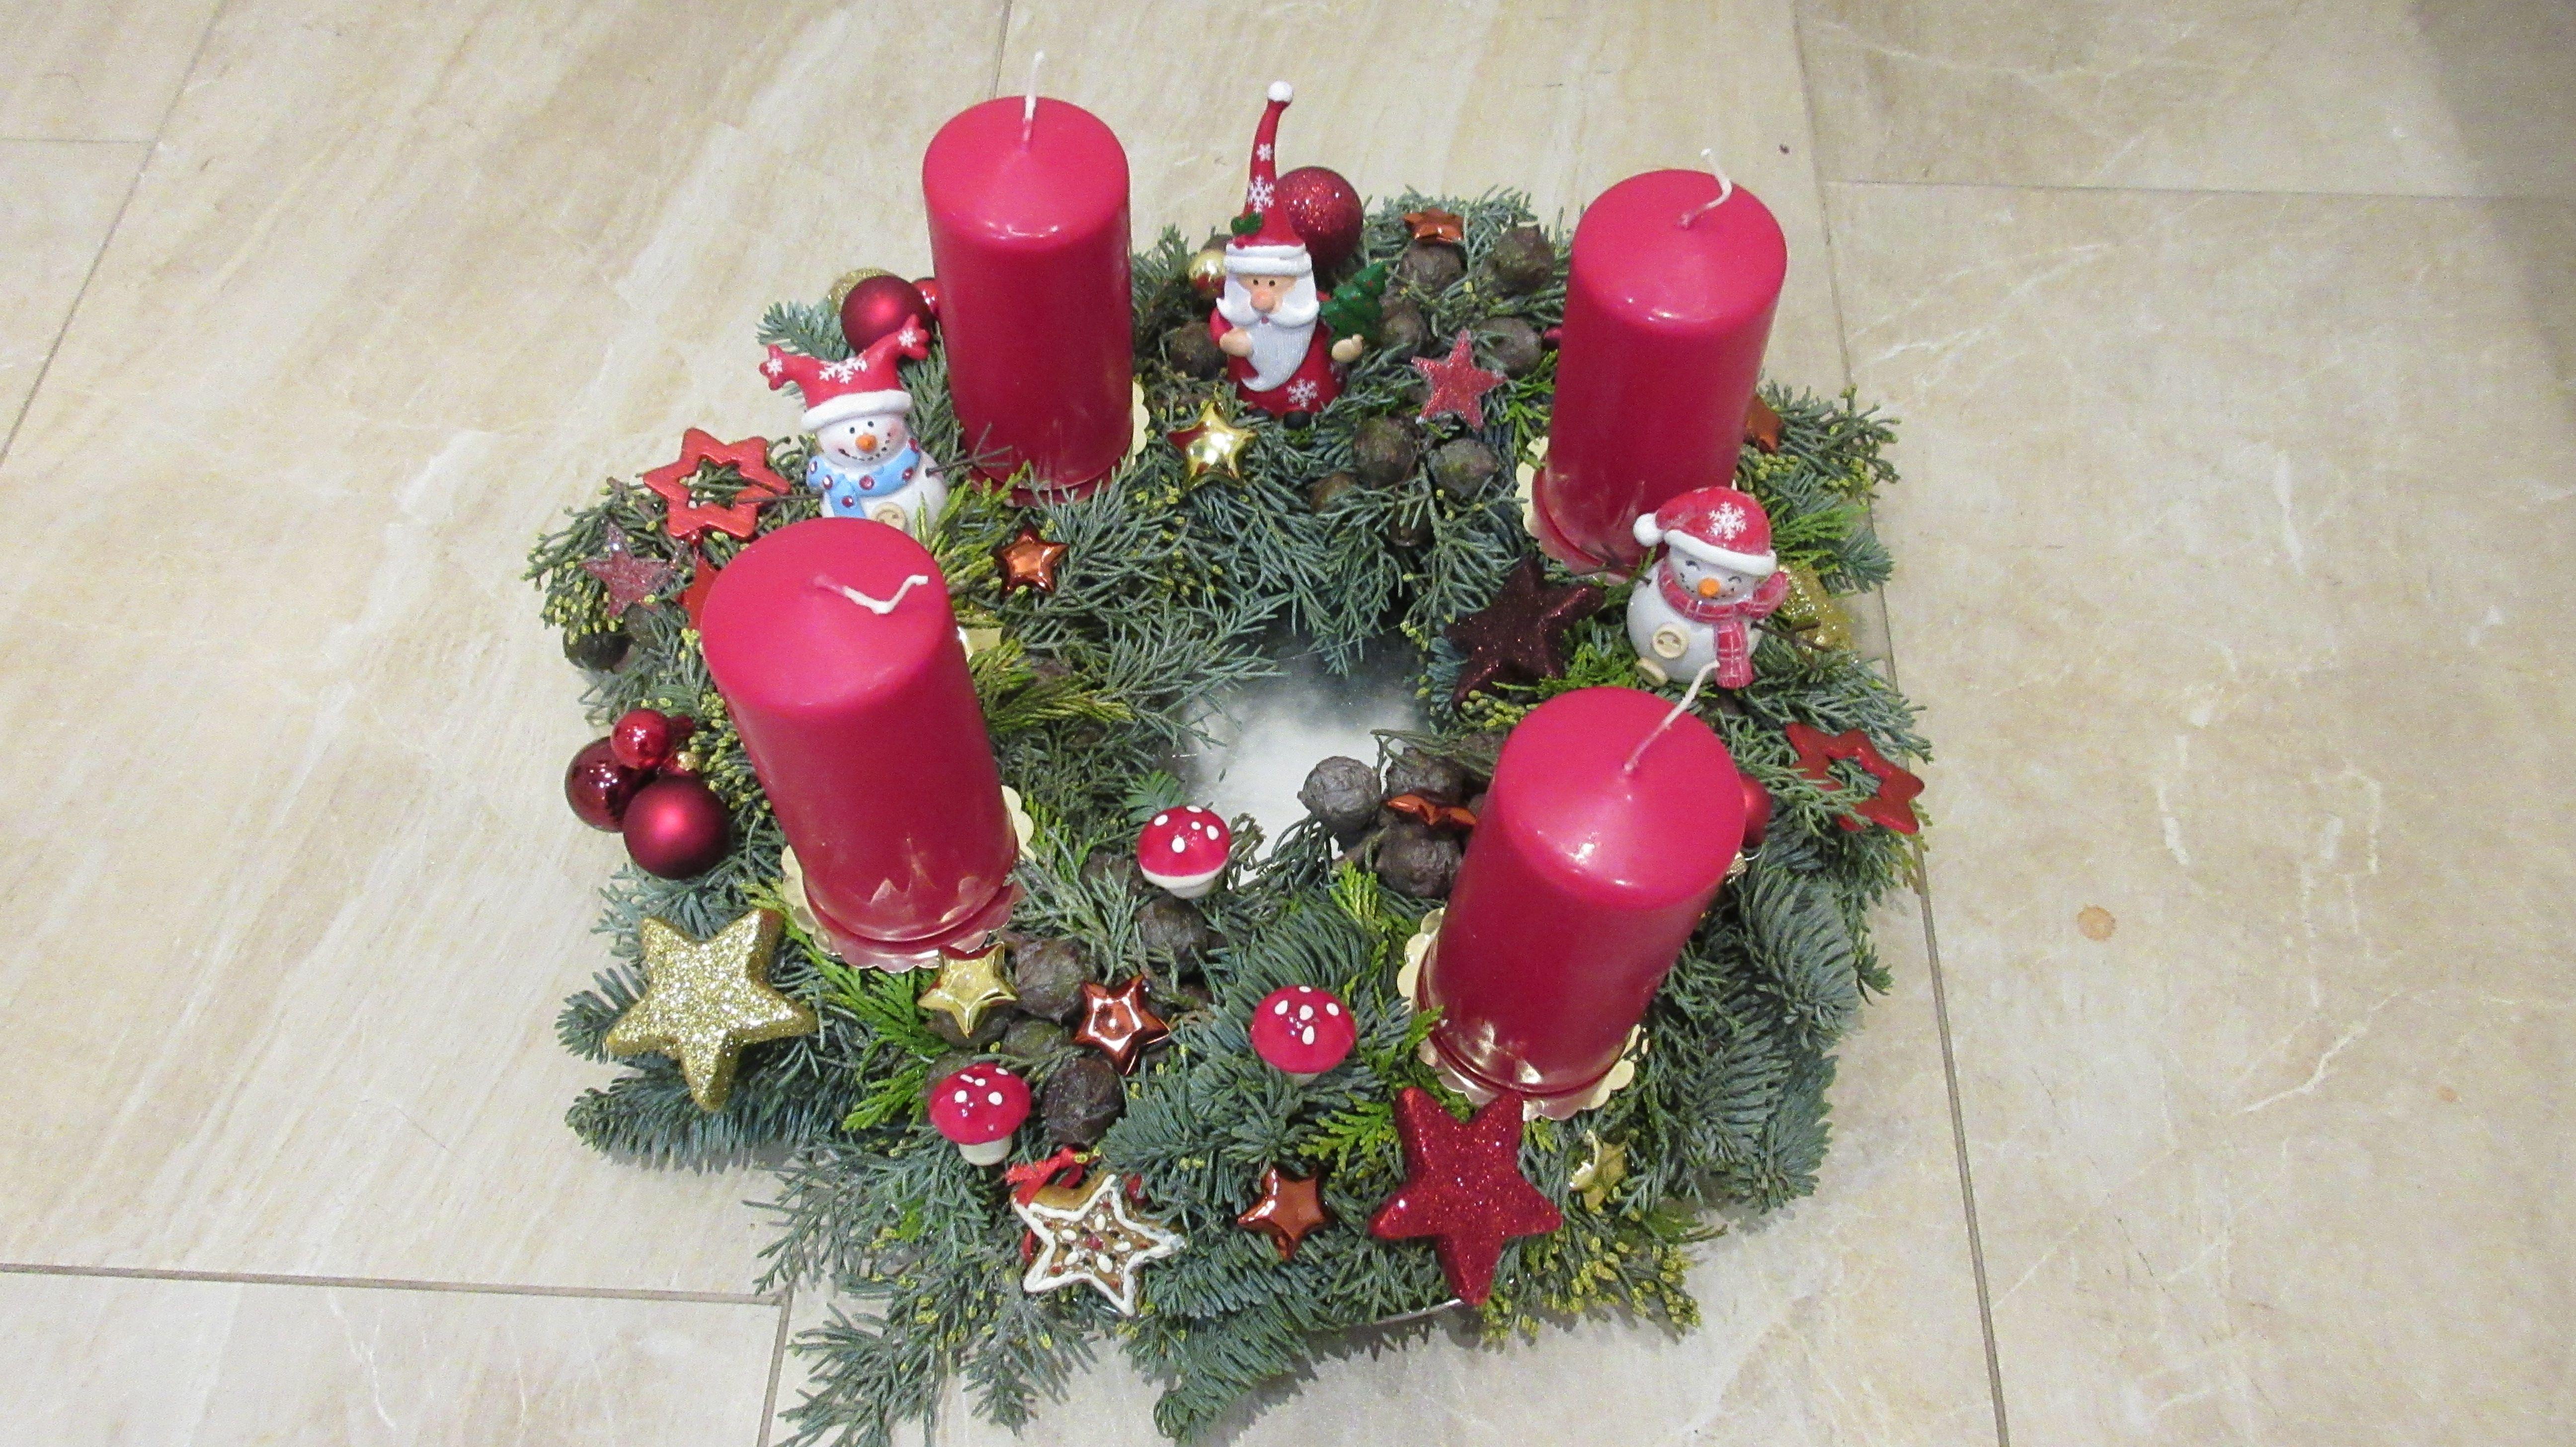 adventskranz weihnachtskranz rot gold sterne mit schneem nnern und weihnachtsmann x mas x mas. Black Bedroom Furniture Sets. Home Design Ideas